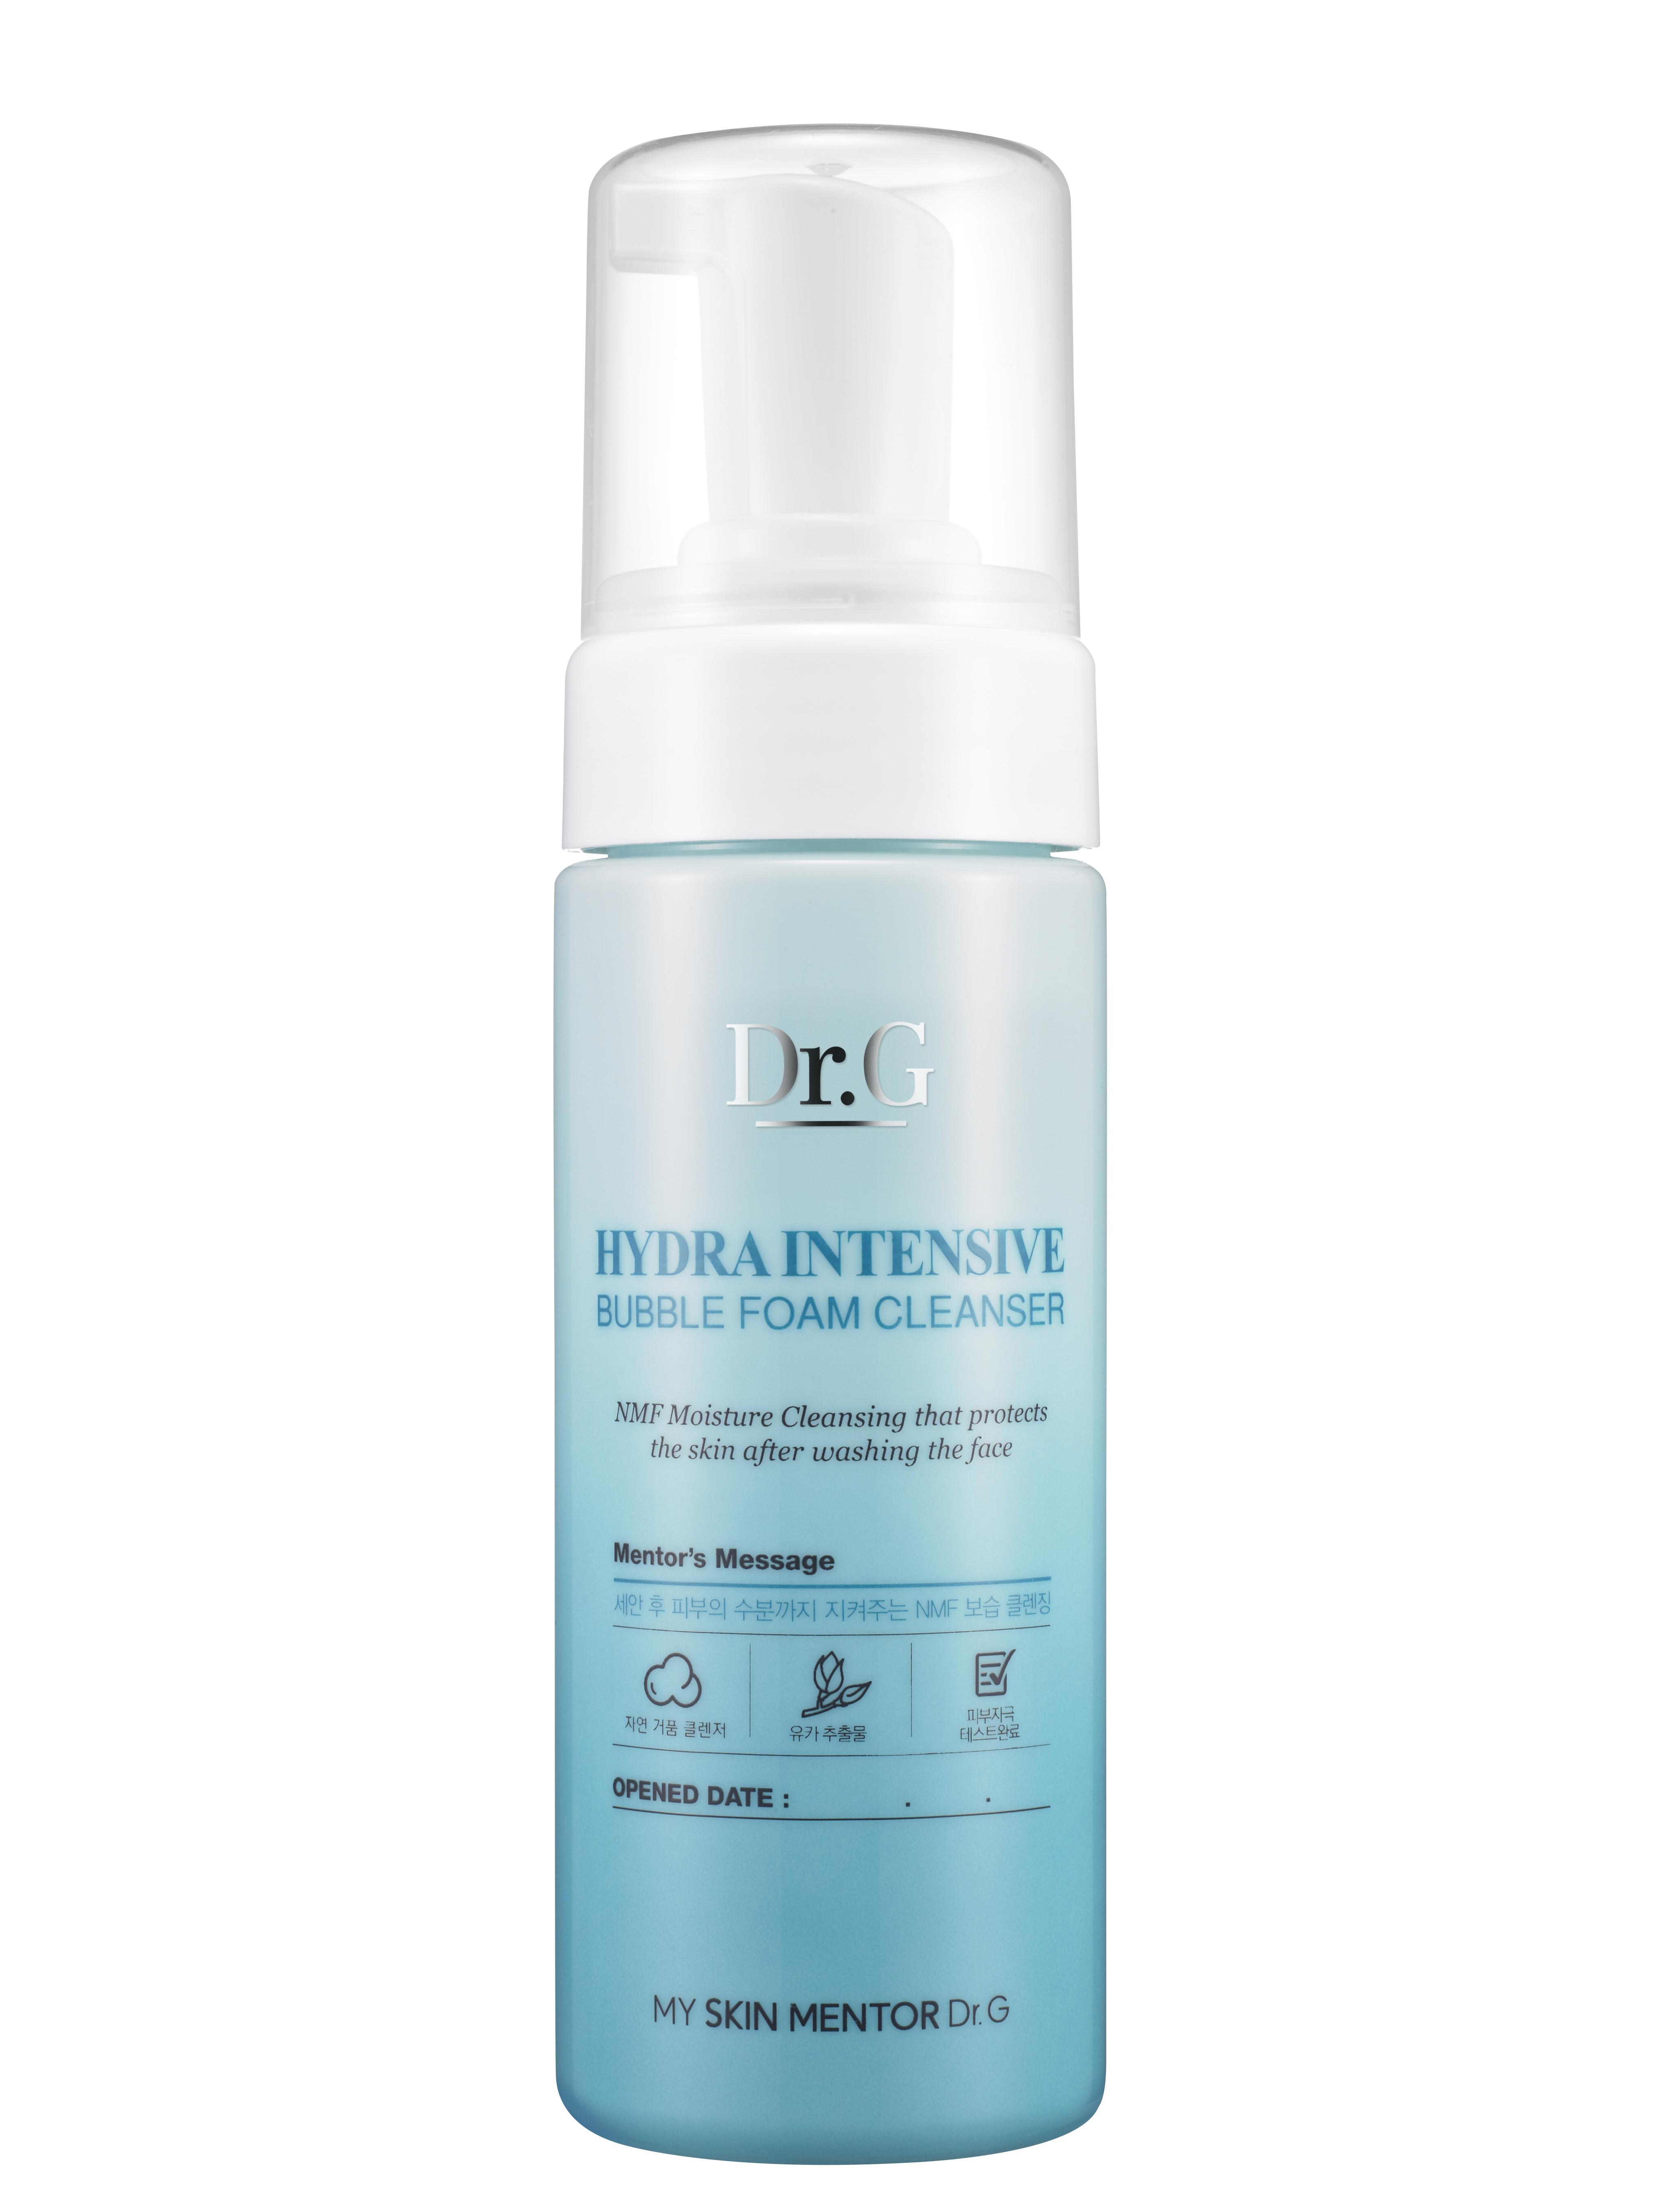 Dr. G Пенка для умывания очищающая увлажняющая Hydra, 150 млDG137398Пенка для интенсивного увлажнения и очищения кожи лица с усиленным NMF (натуральным увлажняющим фактором). Создает богатую густую пену. Оптимизирует влагообмен. Нейтрализует раздражение при чувствительной коже. NMF улучшает роговой слой и внешний вид кожи. Борется с воспалением и краснотой. Придает коже бархатистость и гладкость. Пенка насыщена экстрактами сосны и юкки, а также маслом виноградных косточек. Экстракт сосны является сильным антиоксидантом, улучшает состояние сосудов и предотвращает разрушение коллагена и эластина. Экстракт юкки содержит стероидные сапонины, полифенолы флавоноидной структуры. Обладает противовоспалительным эффектом, «ловит» свободные радикалы. Масло виноградных косточек регулирует саловыделение, сужает поры, при этом выравнивая тон и улучшает кожный покров. Не содержит содиум лаурил сульфата (SLS).